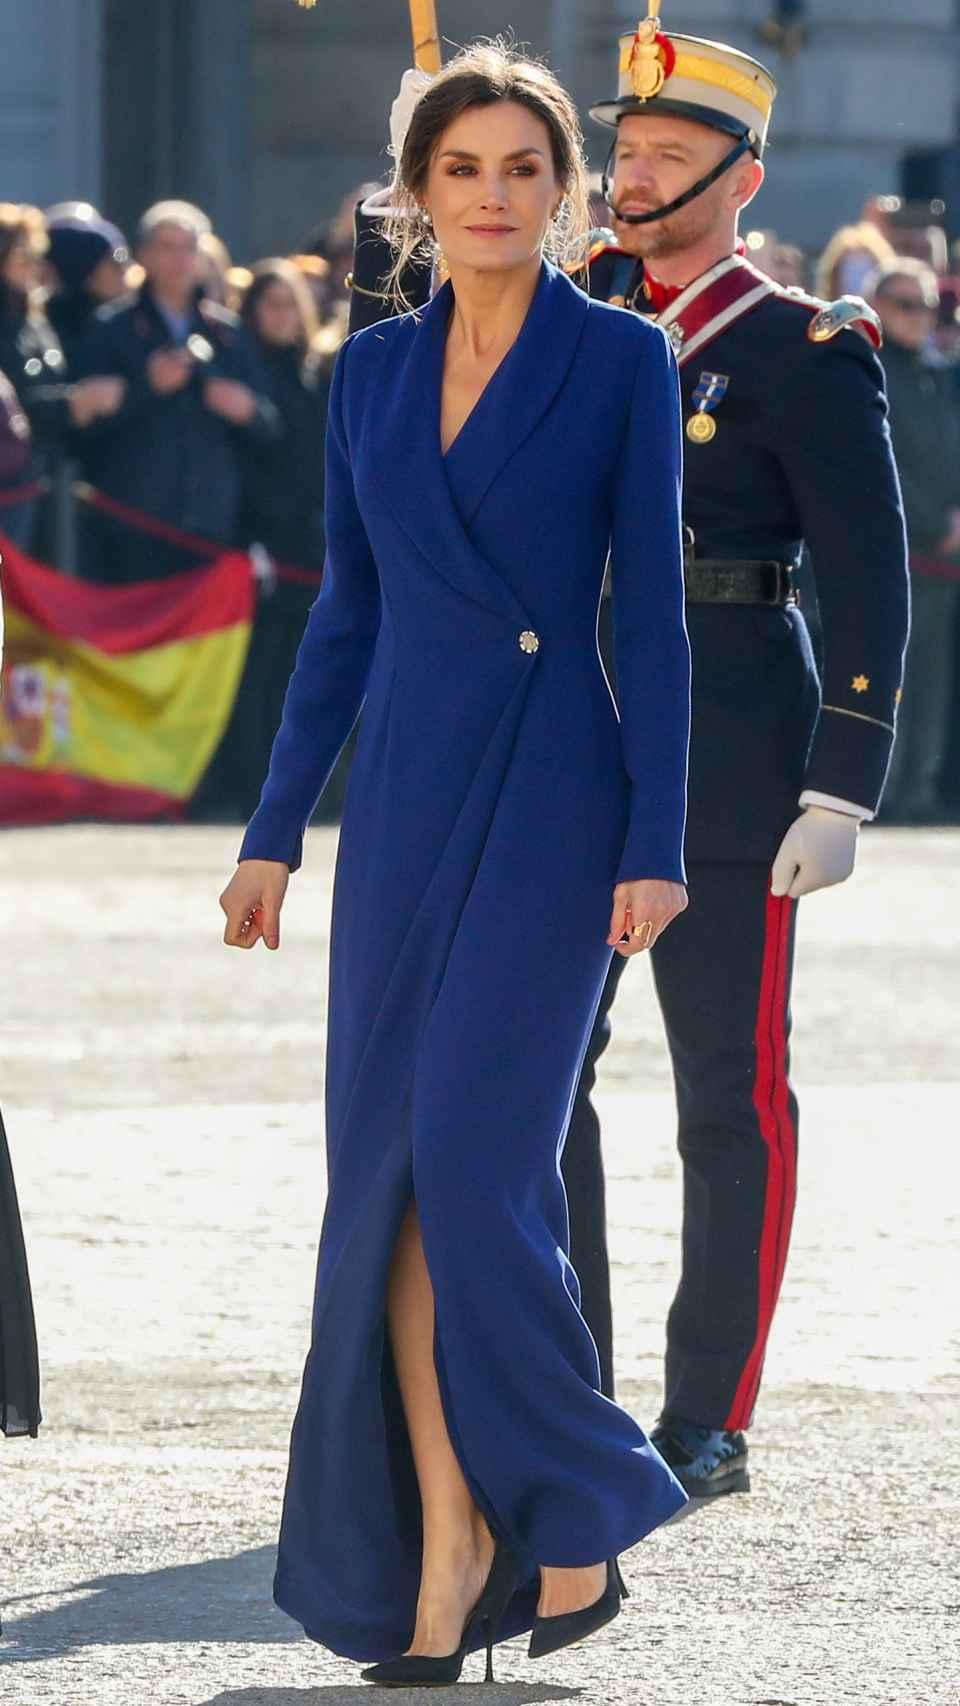 Letizia y la abertura de su falda.